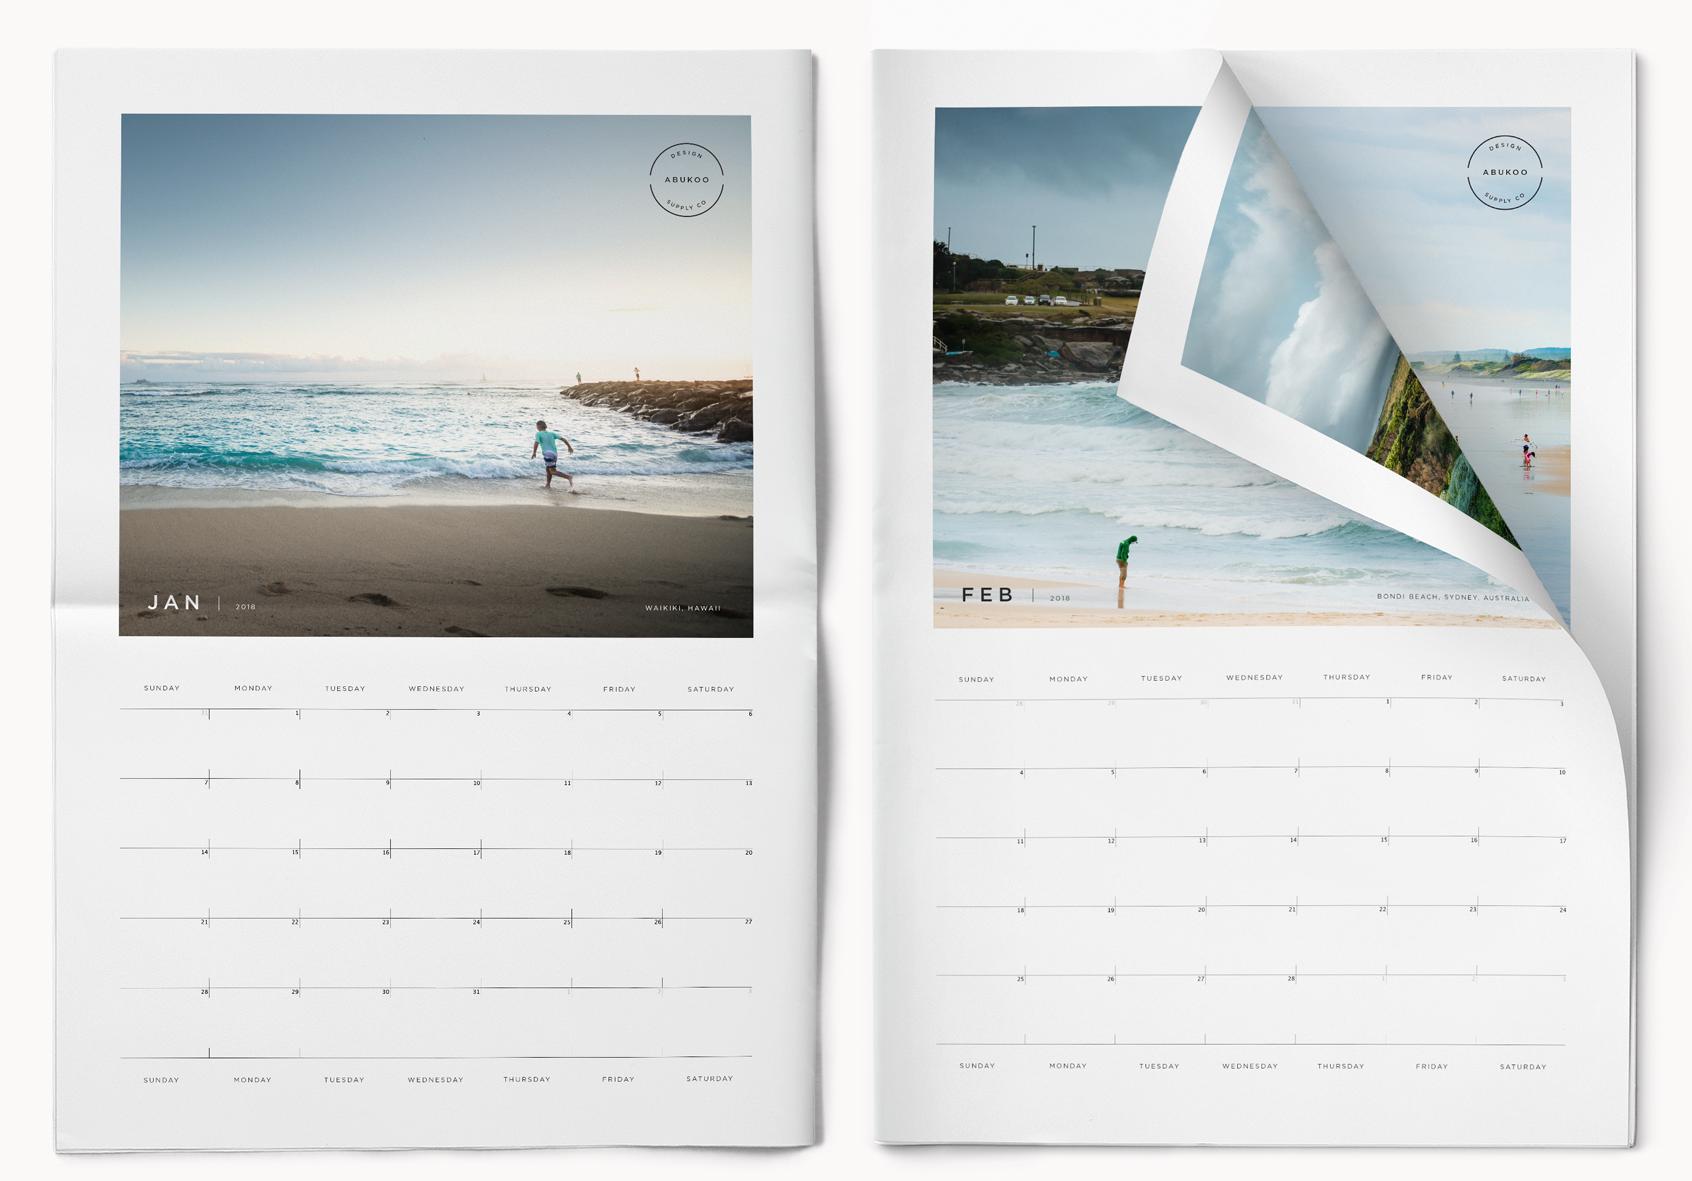 2018 printable photo calendar indesign template. Black Bedroom Furniture Sets. Home Design Ideas